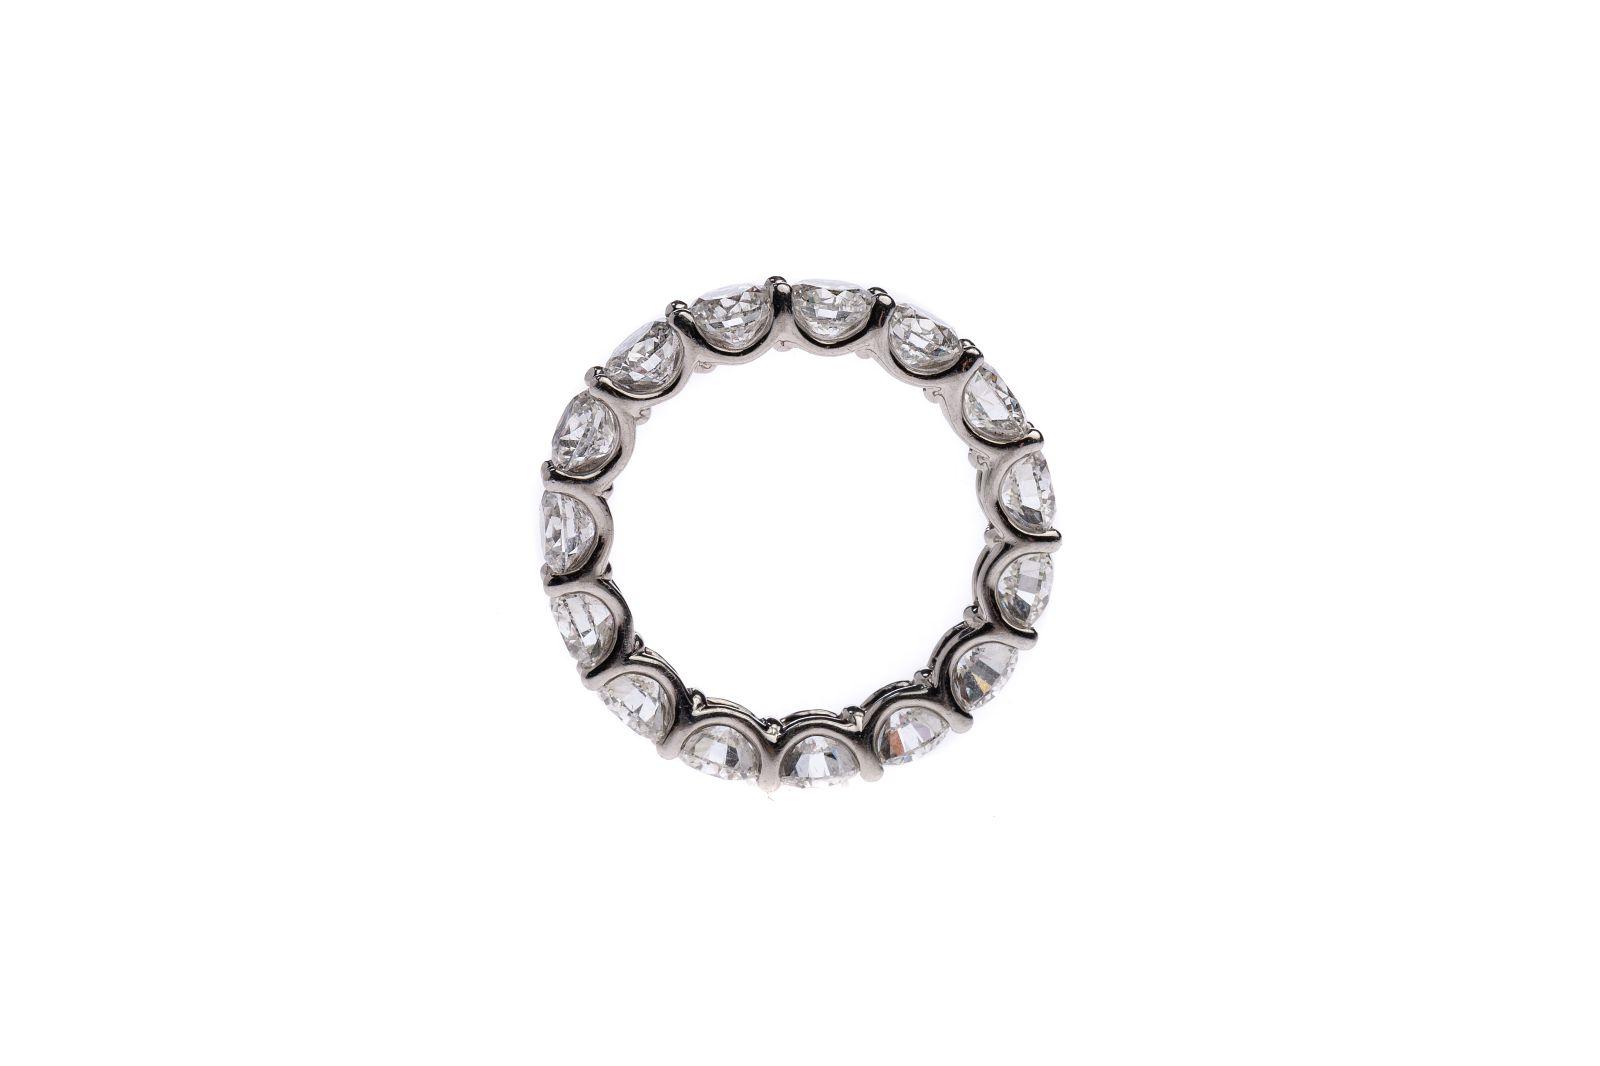 #98 Ladies ring Platin 950 | Damenring Platin 950 Image